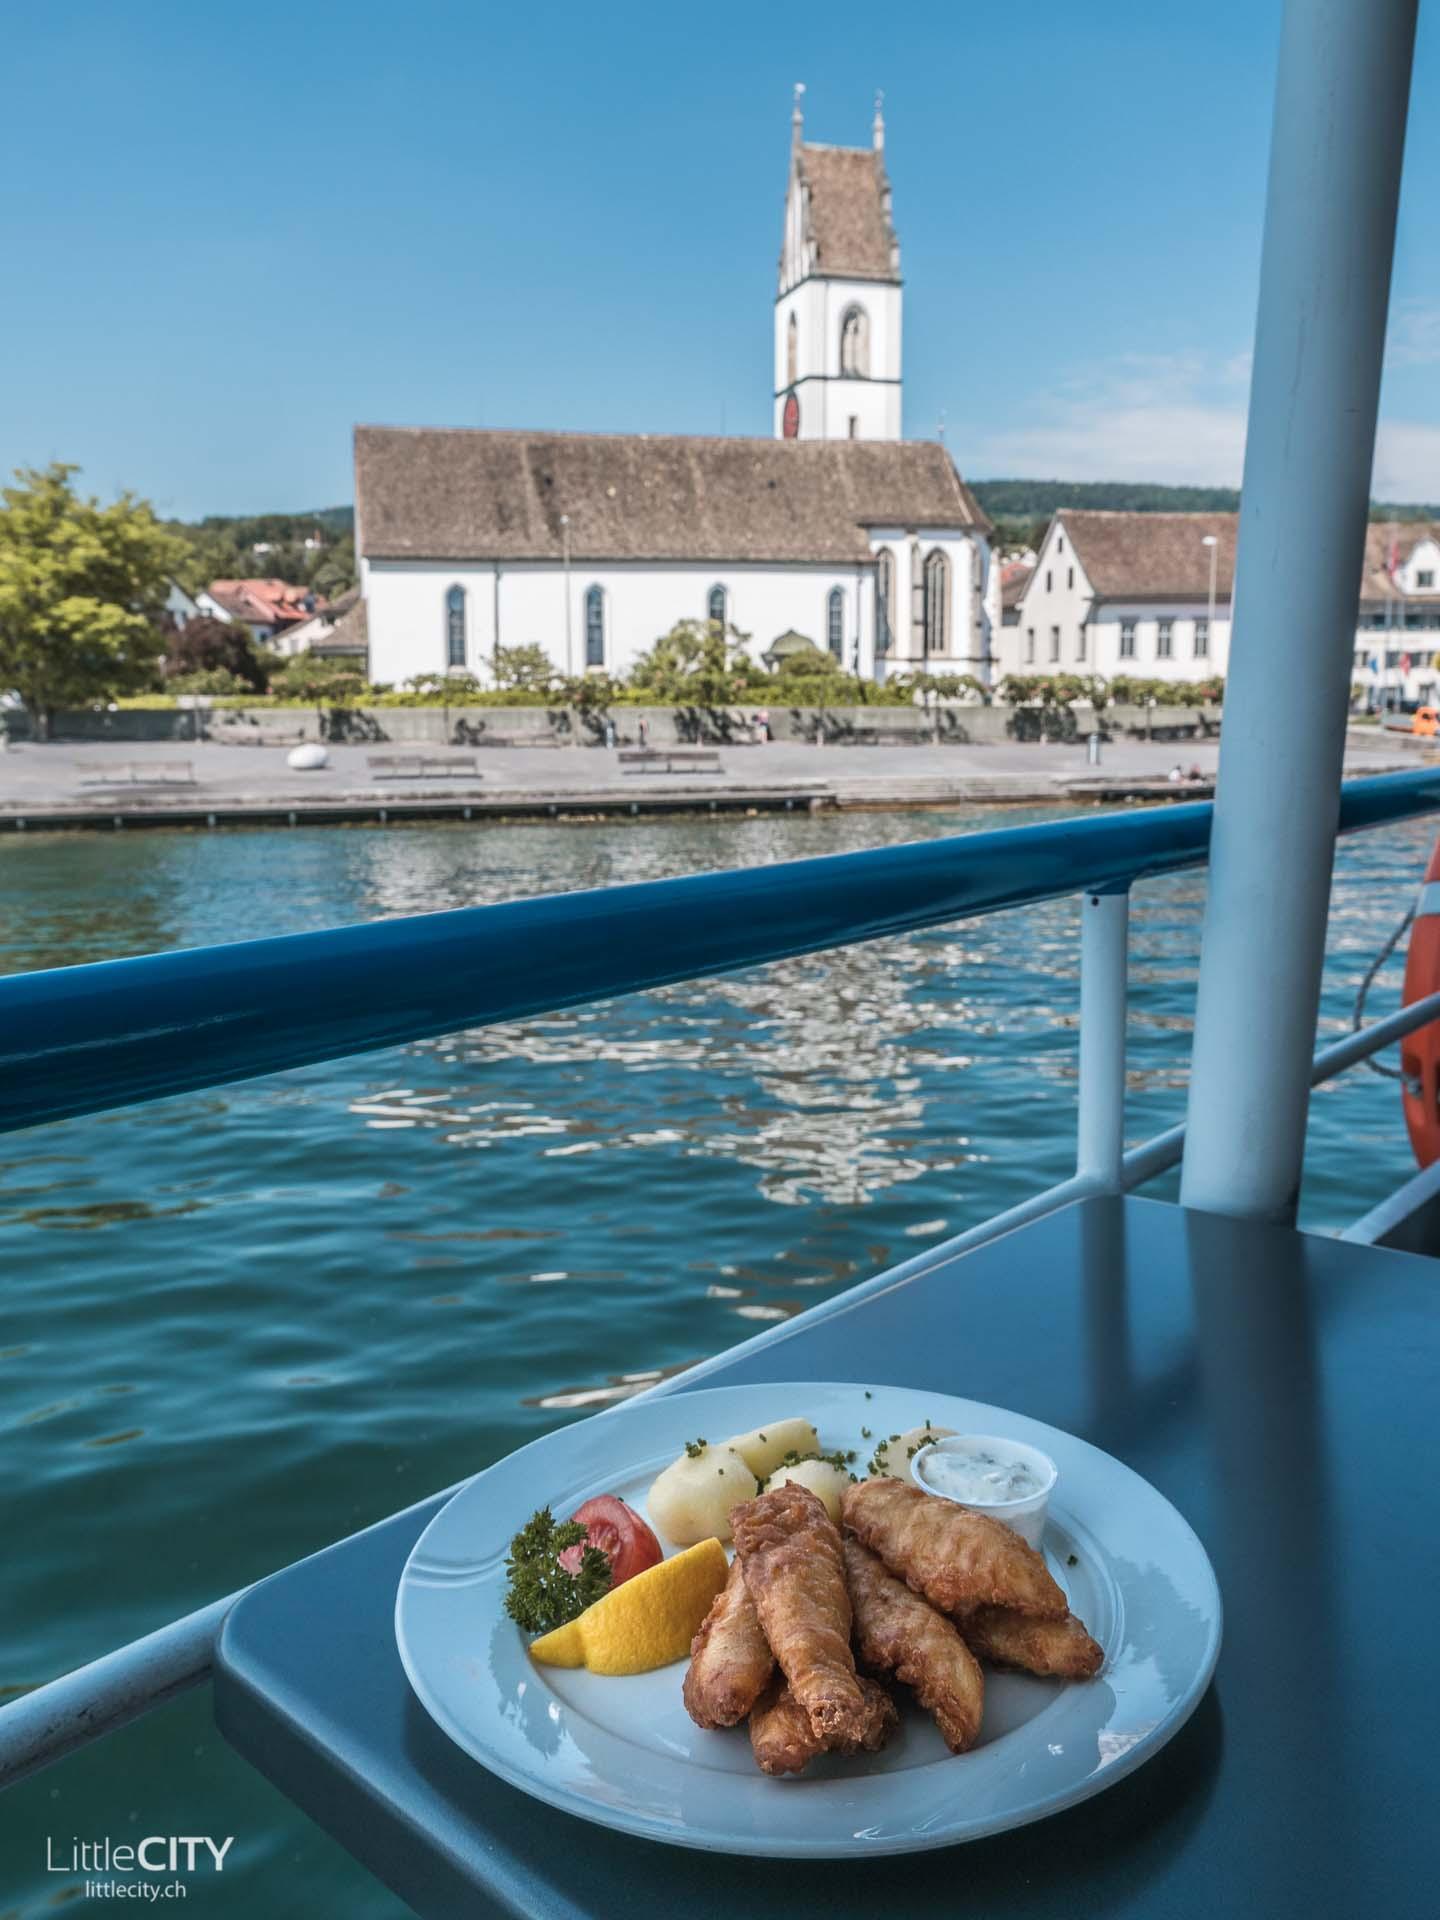 Zürichsee Schifffahrt Restaurant